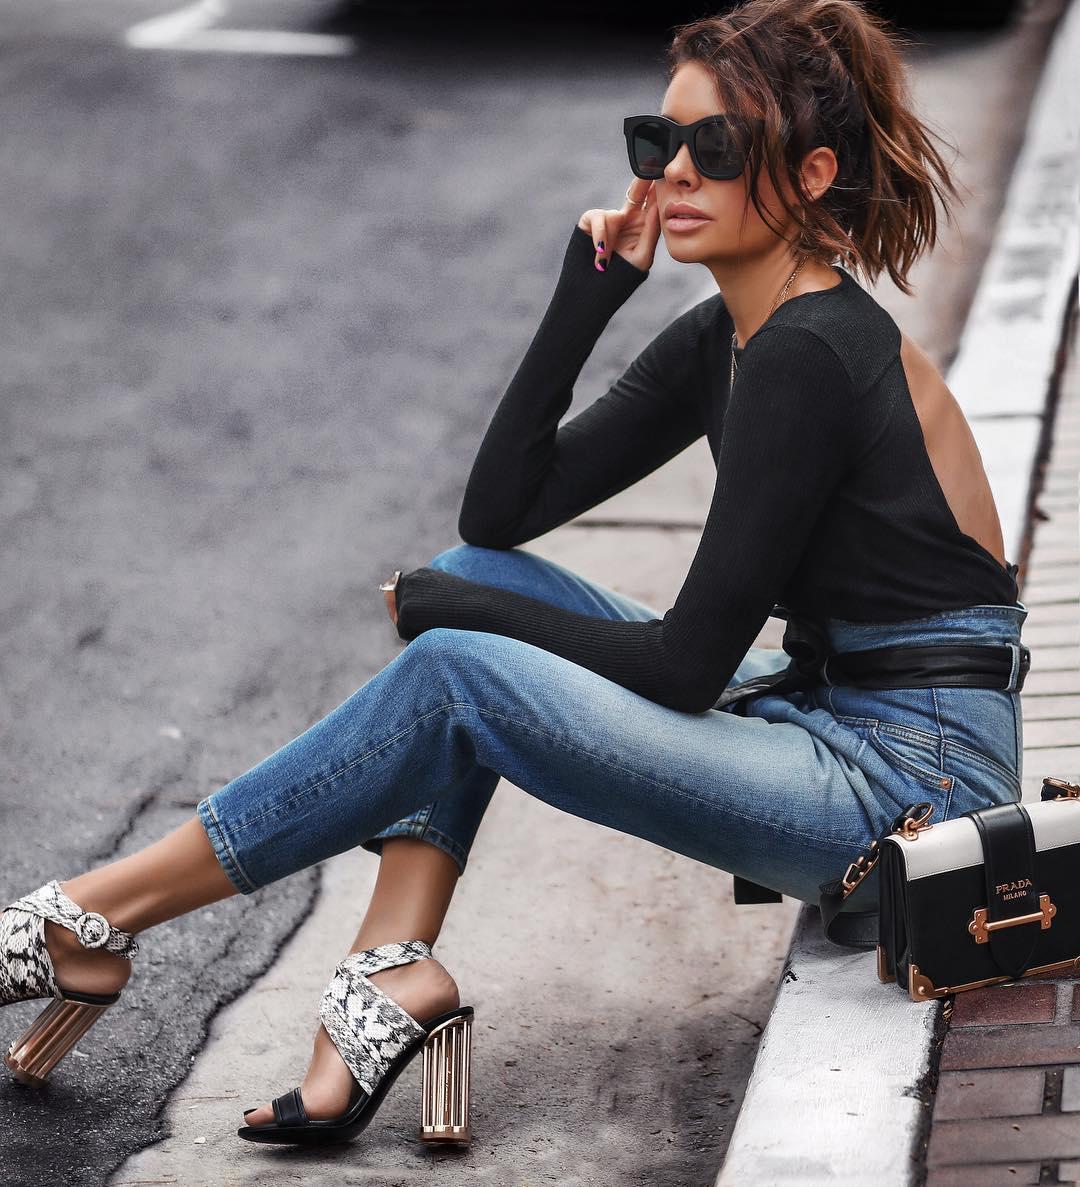 джинсы с высокой талией фото 4